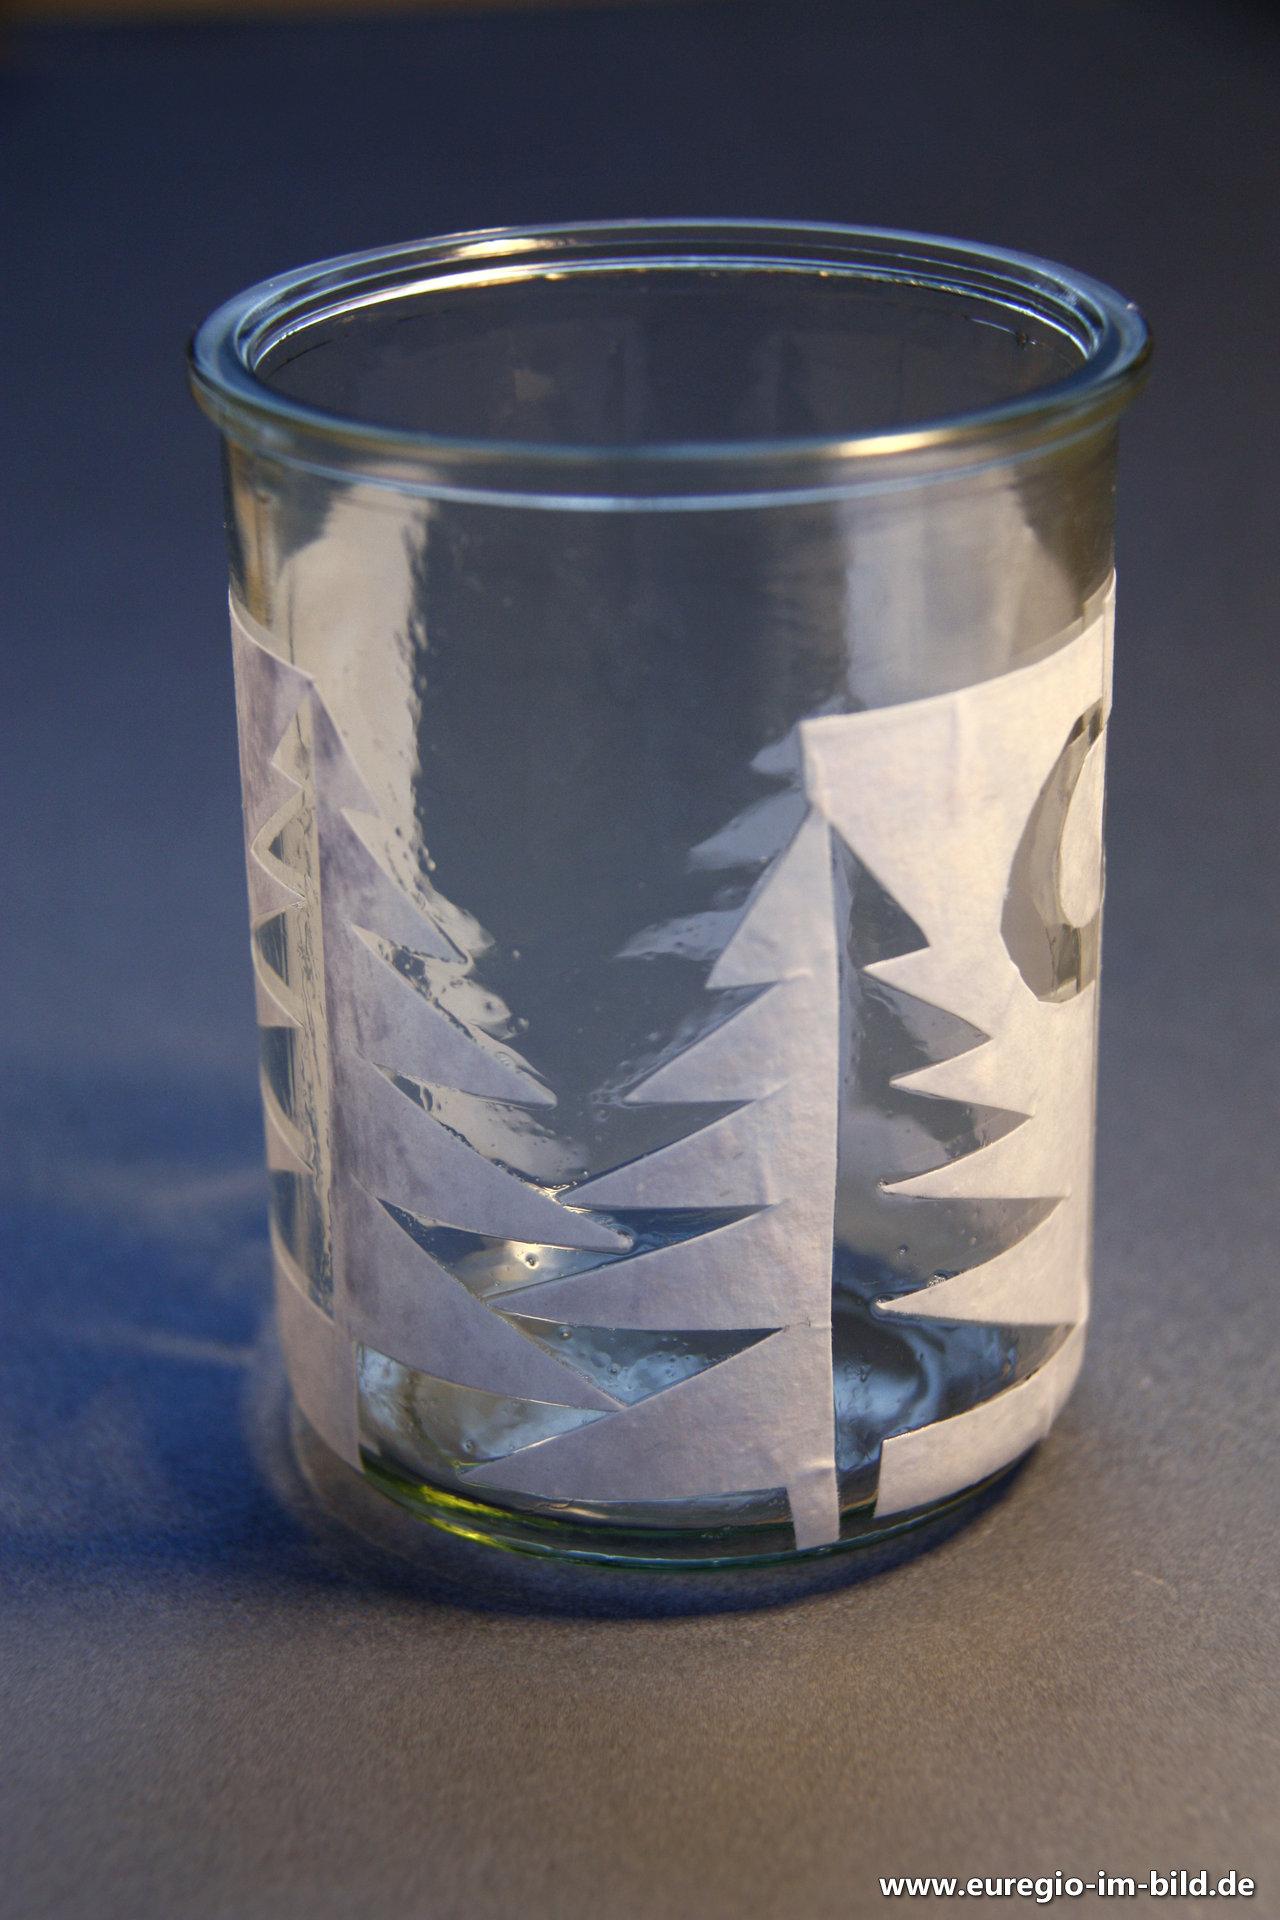 Windlichter Basteln windlichter basteln im winter euregio im bild